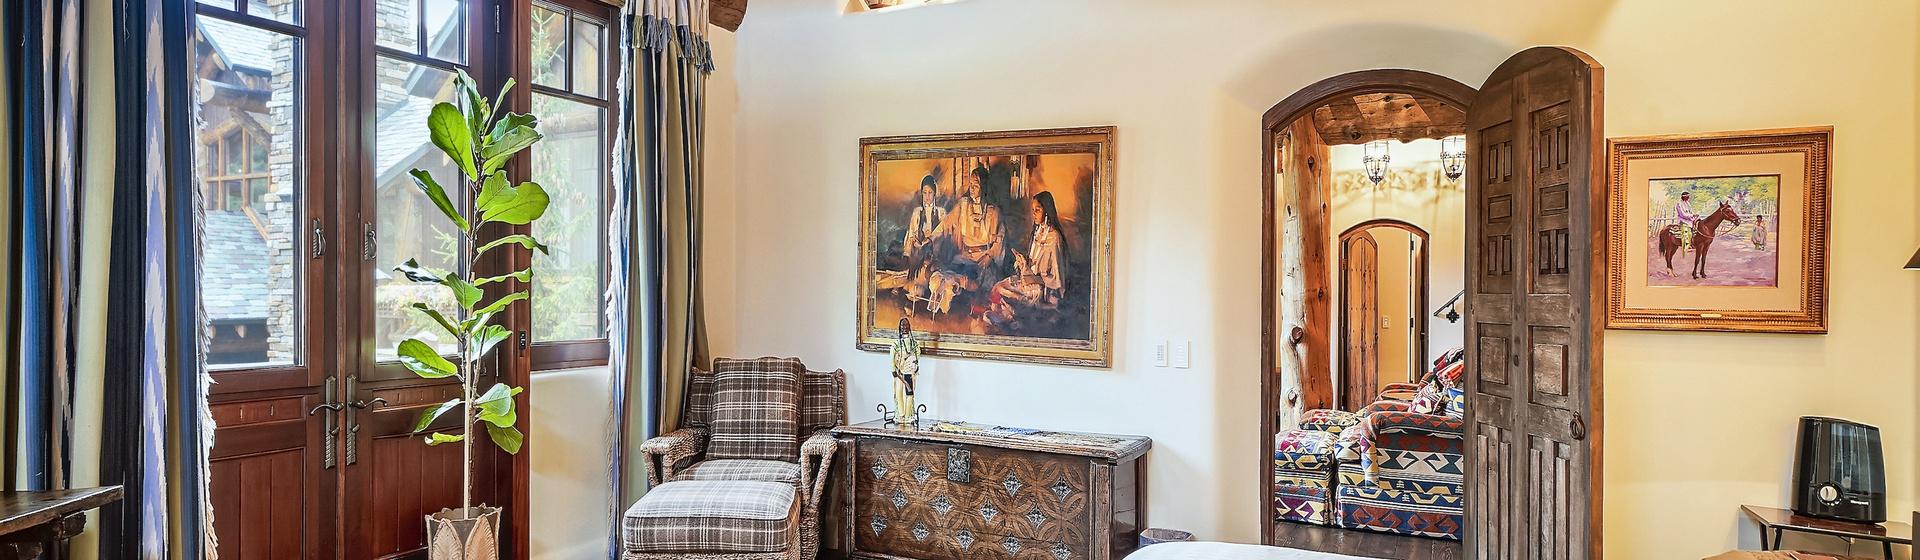 8.6-Telluride-Sleeping-Indian-Ranch-Southwest-Suite-Master-Bedroom-G-2-web.JPG